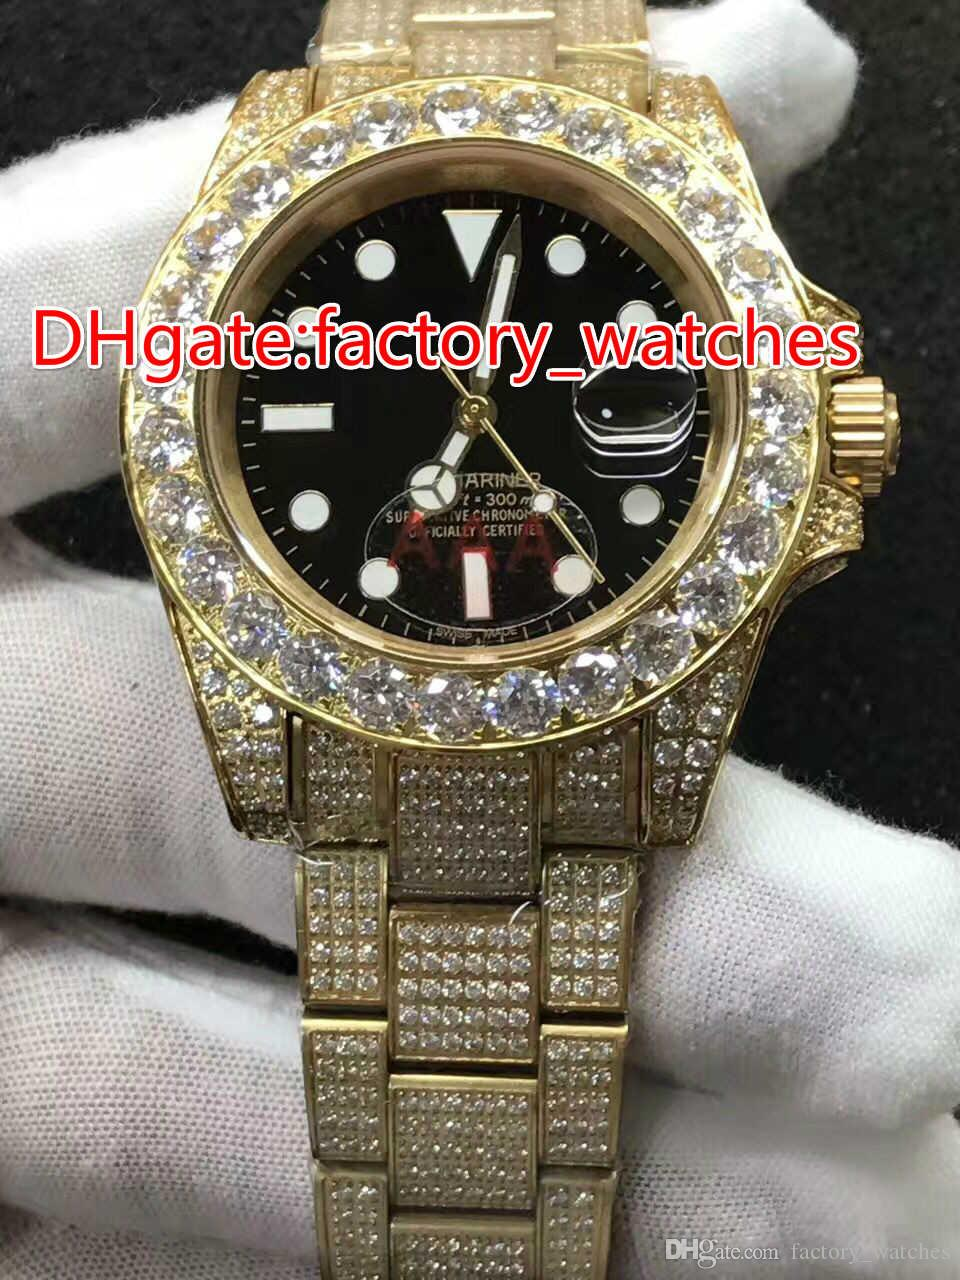 Nouveau modèle à la mode de la coquille d'or montre de luxe montre masculine de la machine automatique de marque de diamant montre étanche Livraison gratuite.